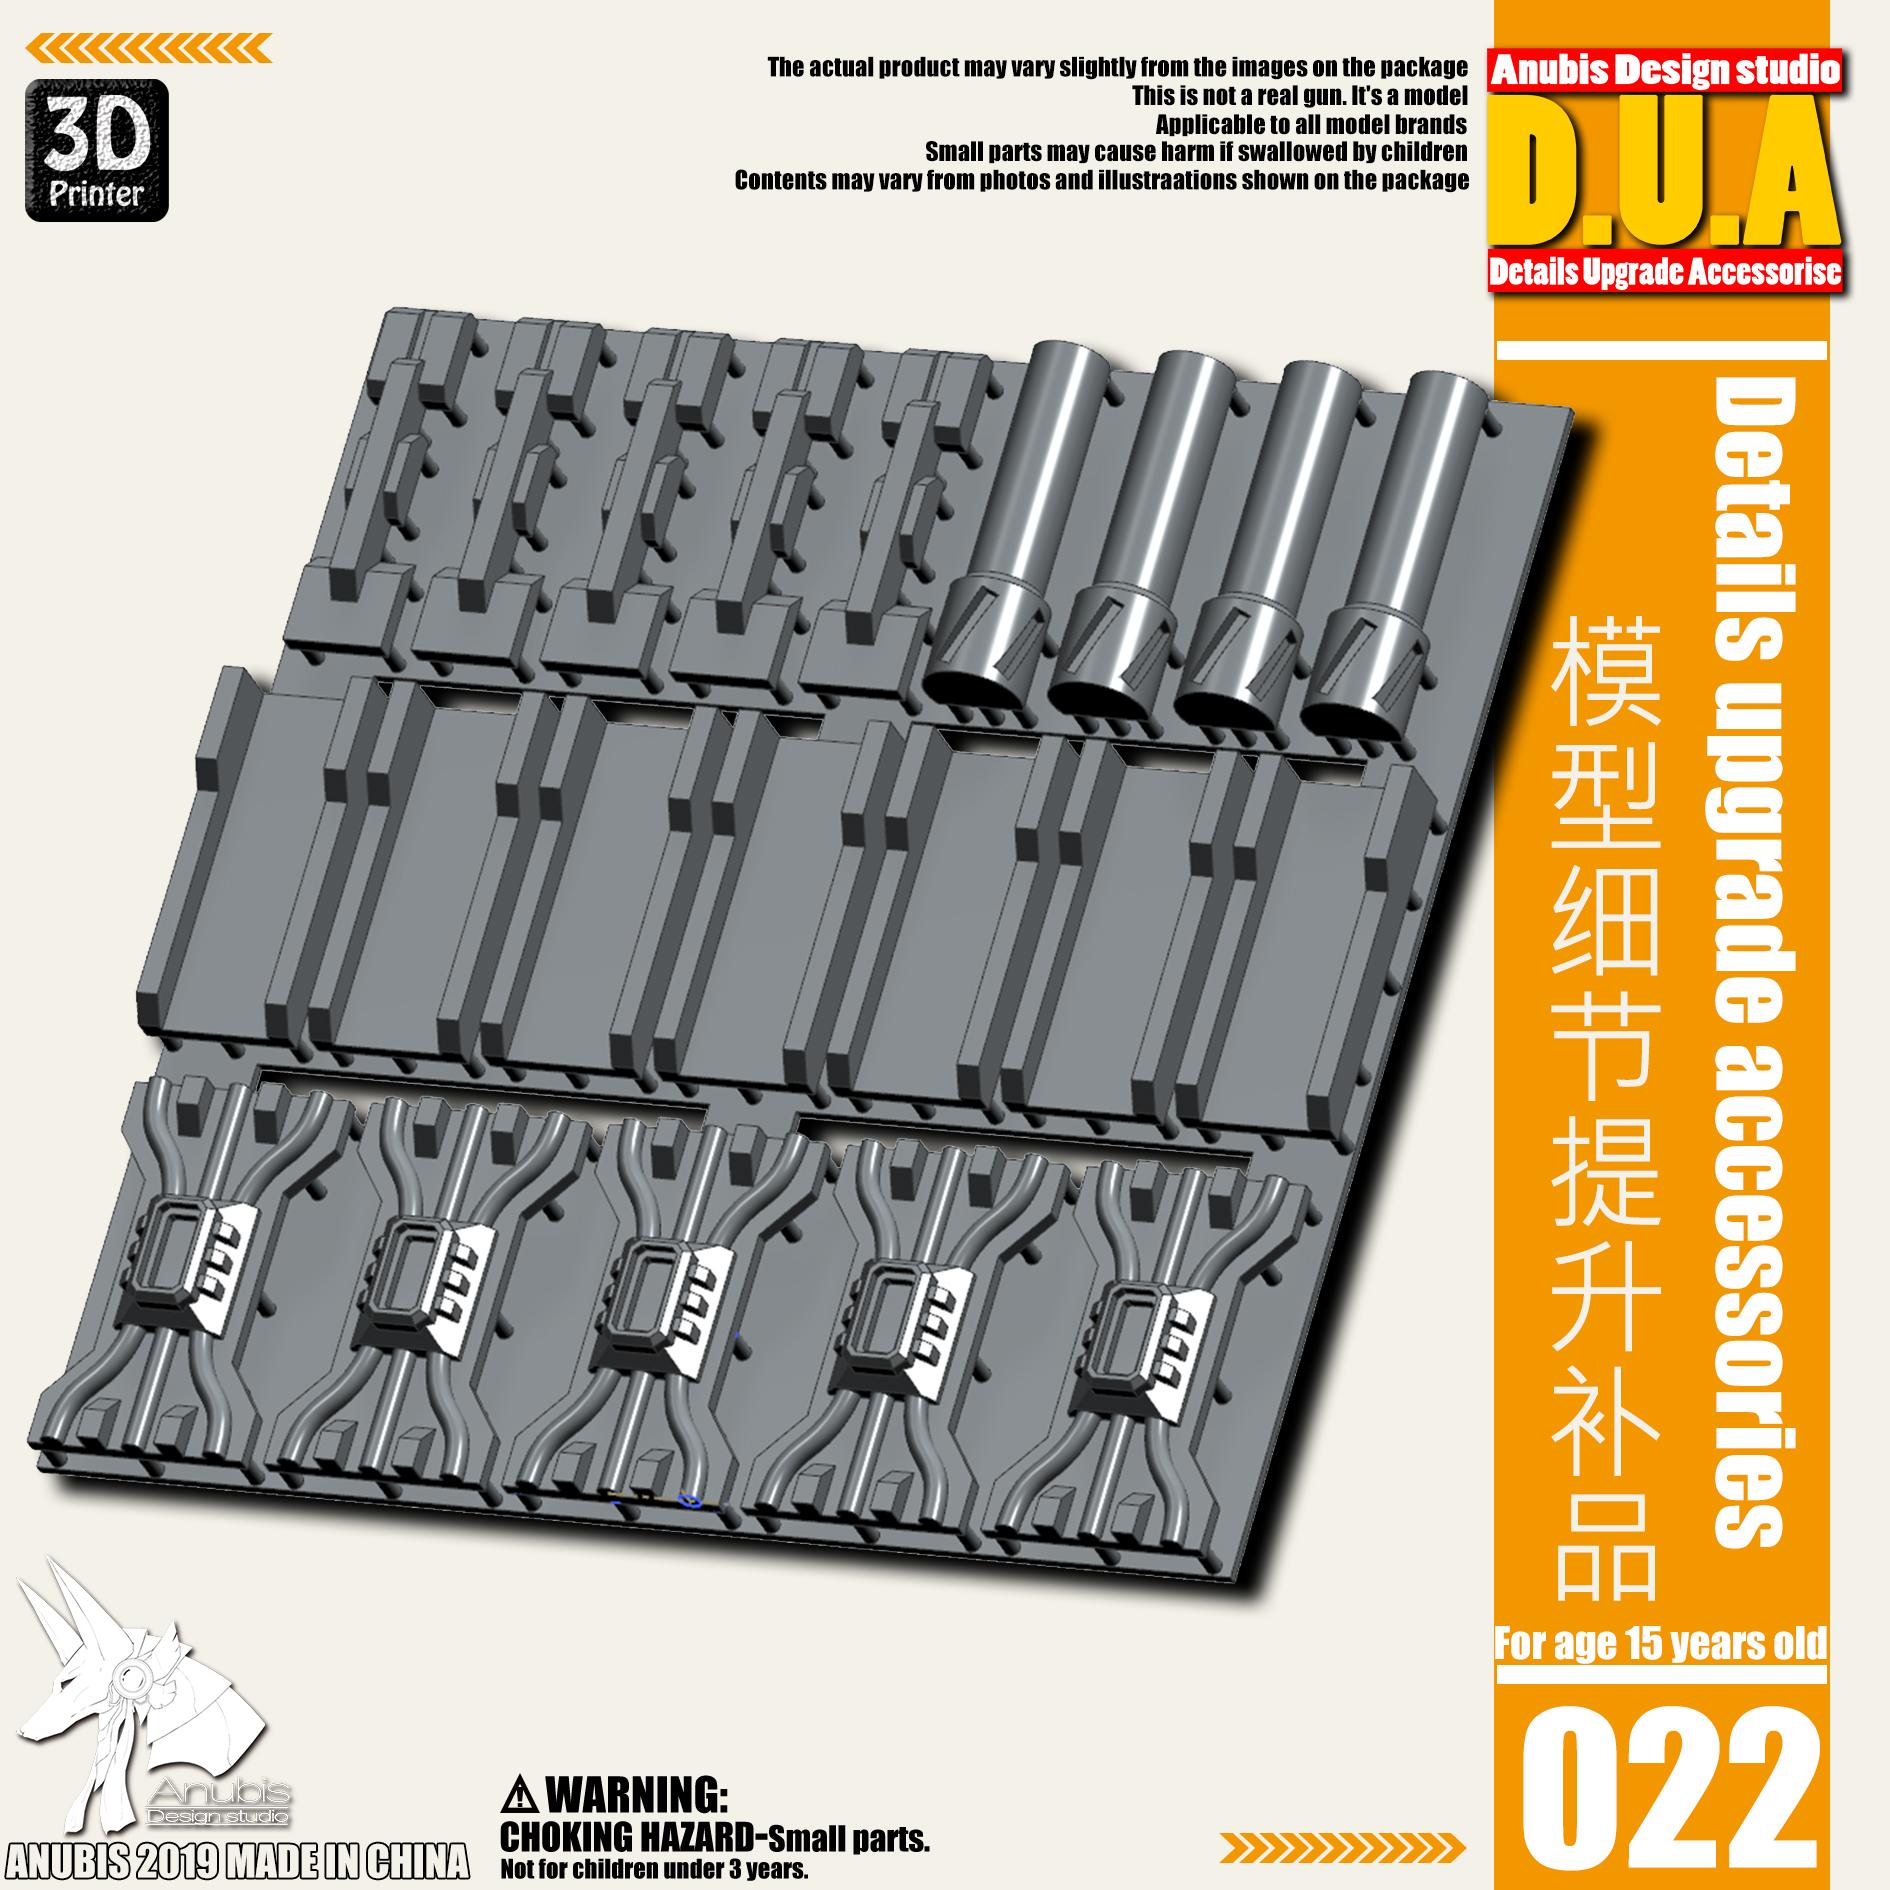 G413_DUA022_001.jpg